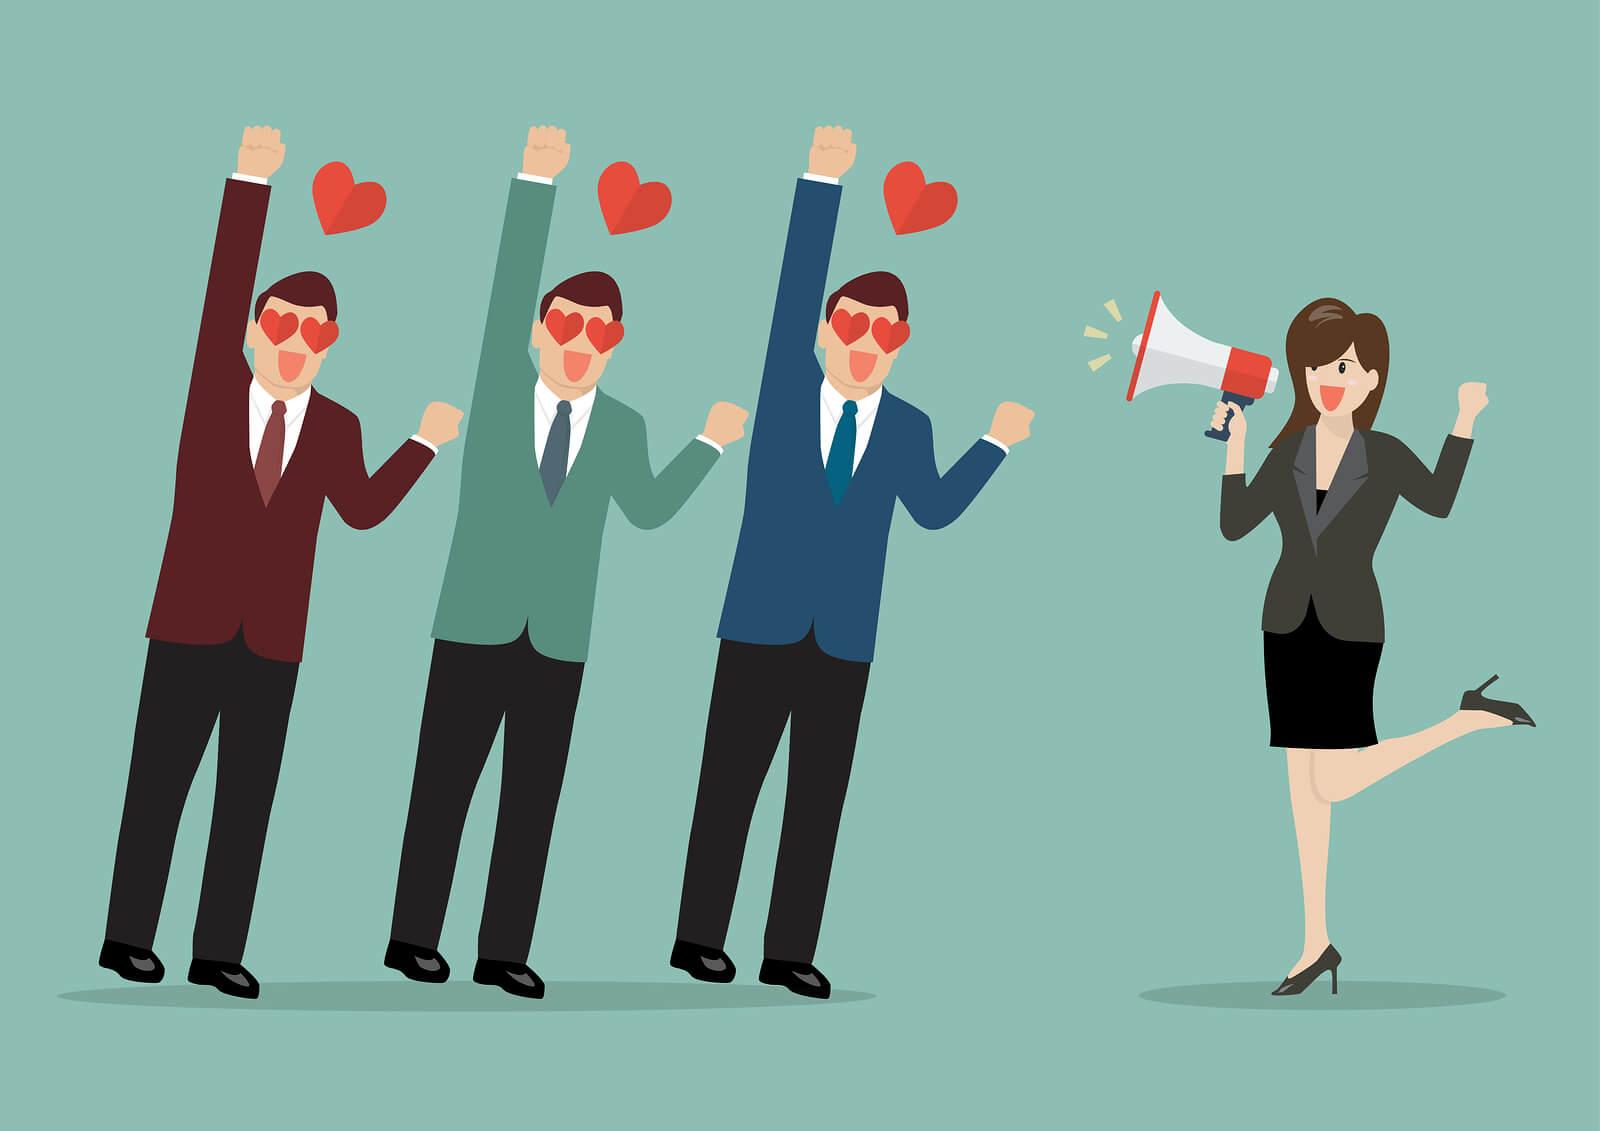 La paradoja de la comunicación interpersonal en el liderazgo femenino